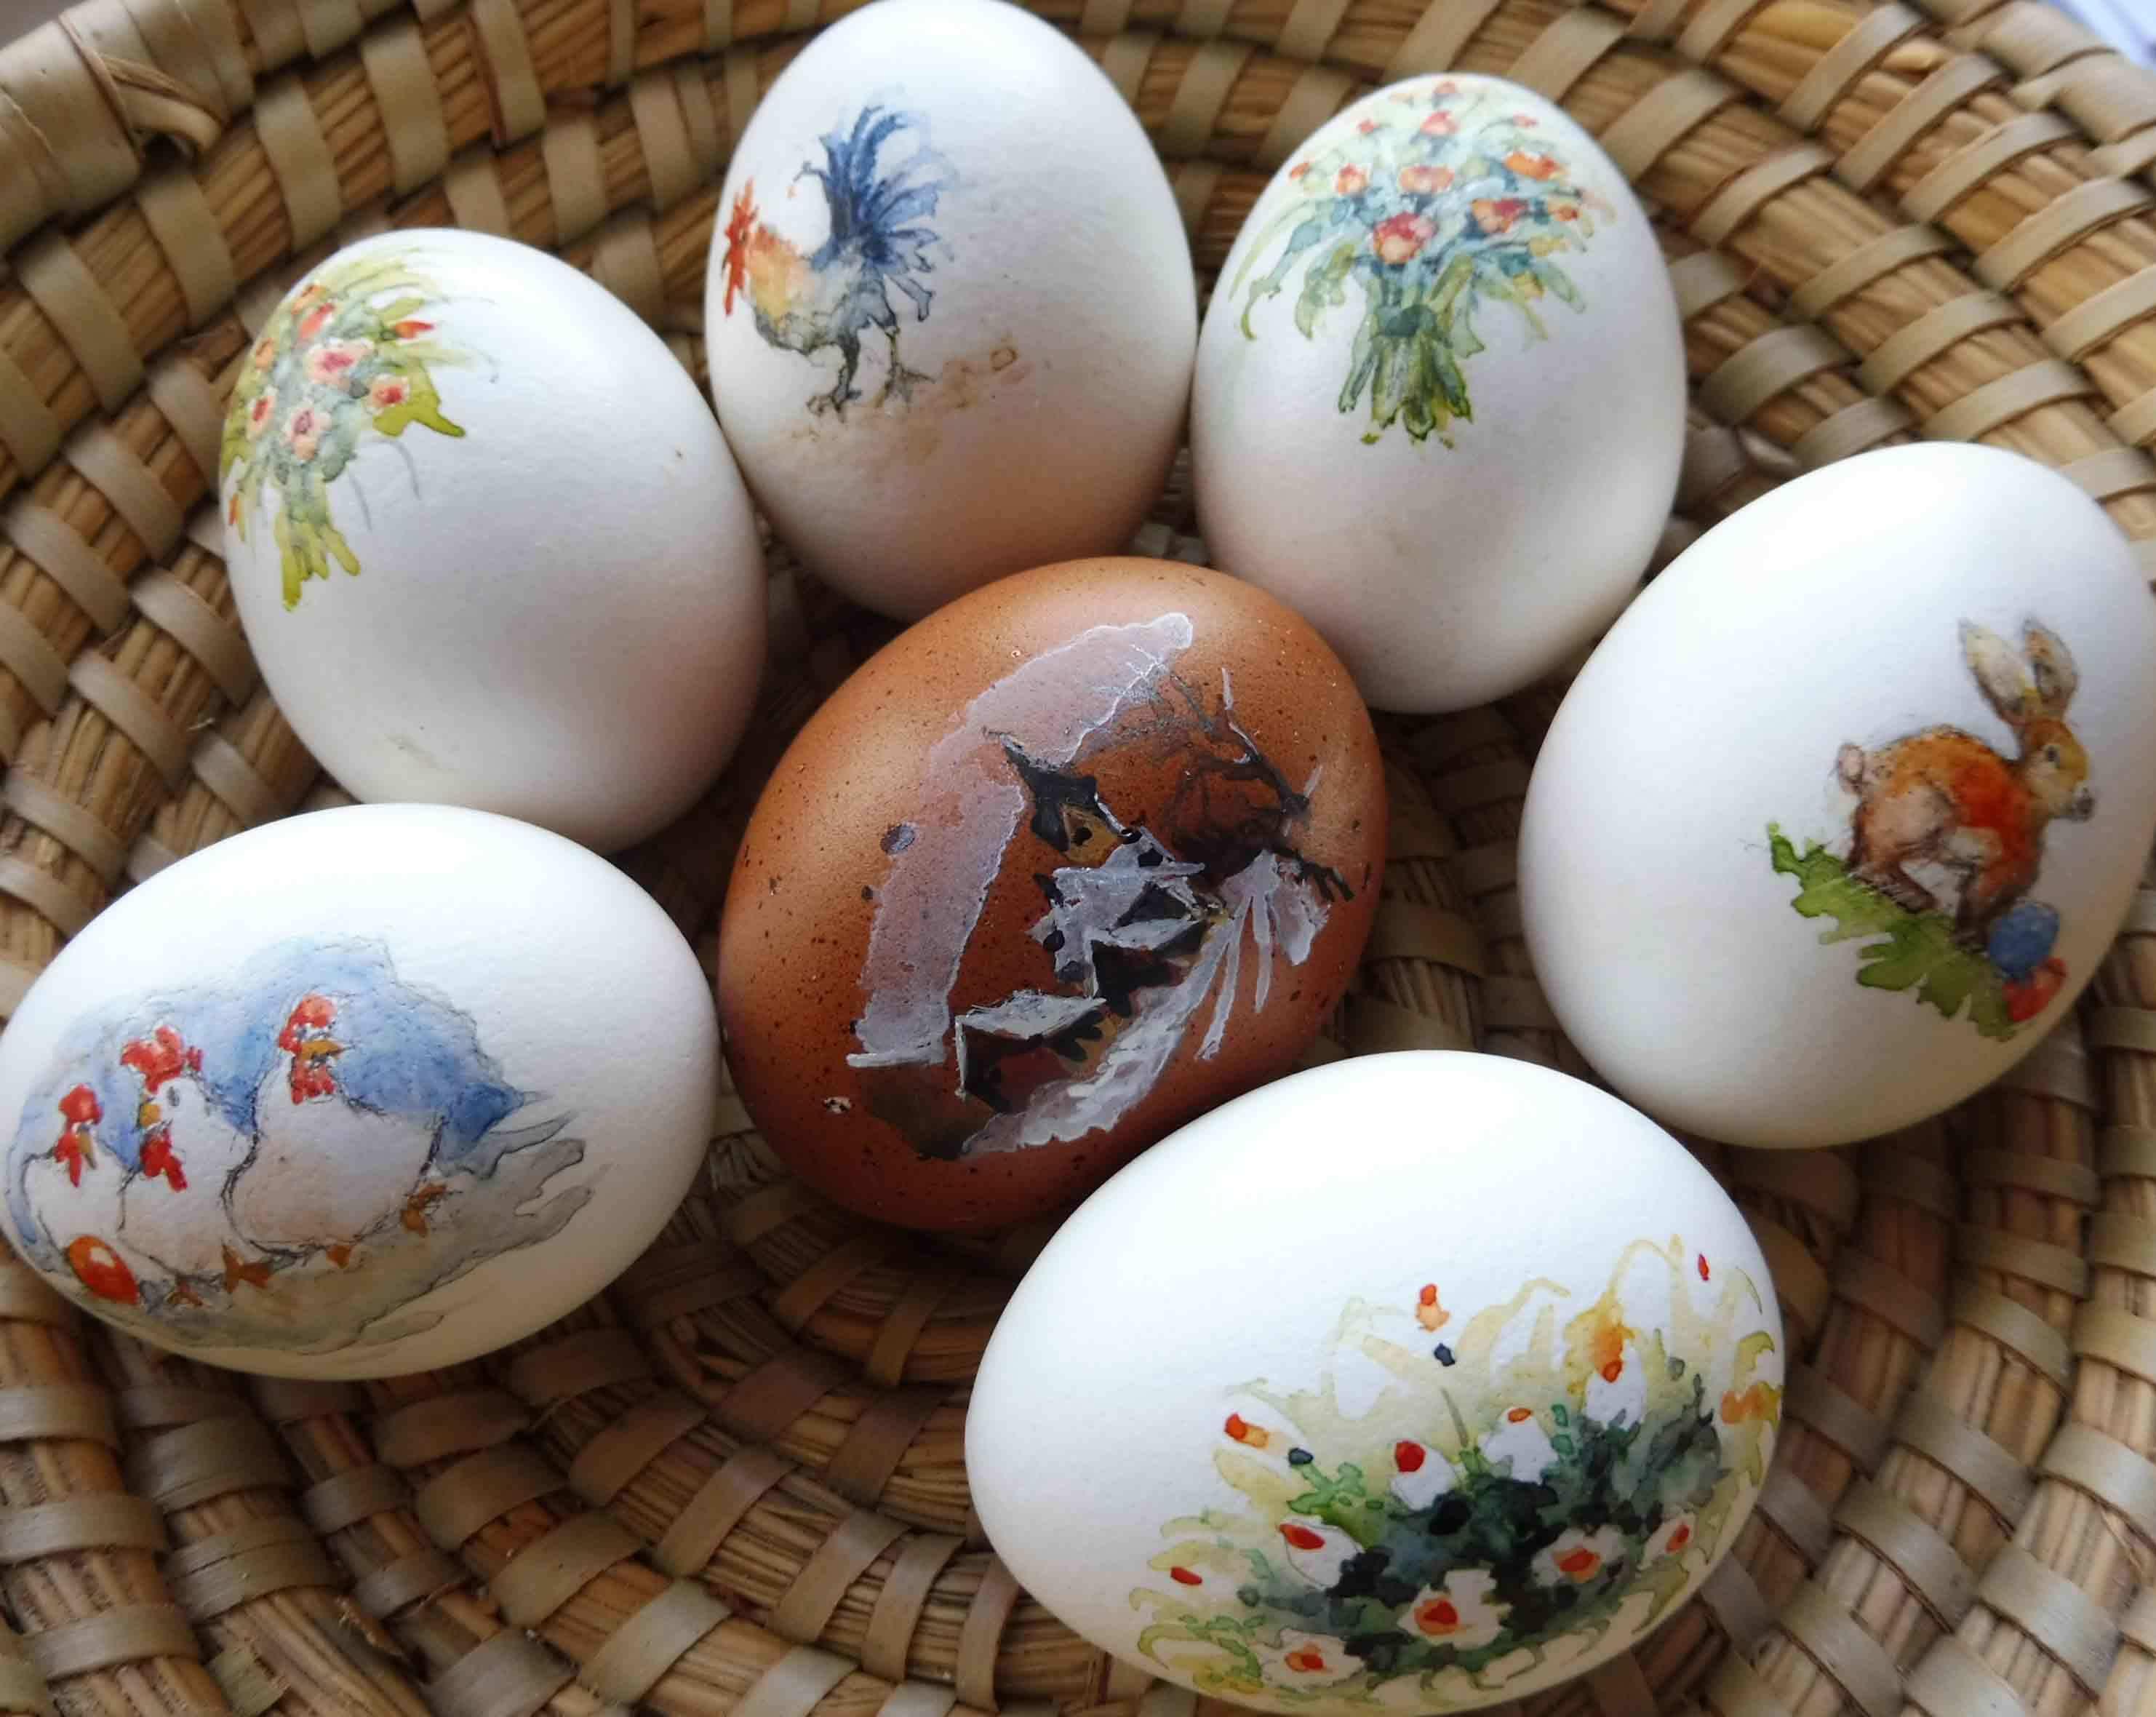 Gemütlich Kochen Eier Für Ostern Färbung Galerie - Malvorlagen Von ...